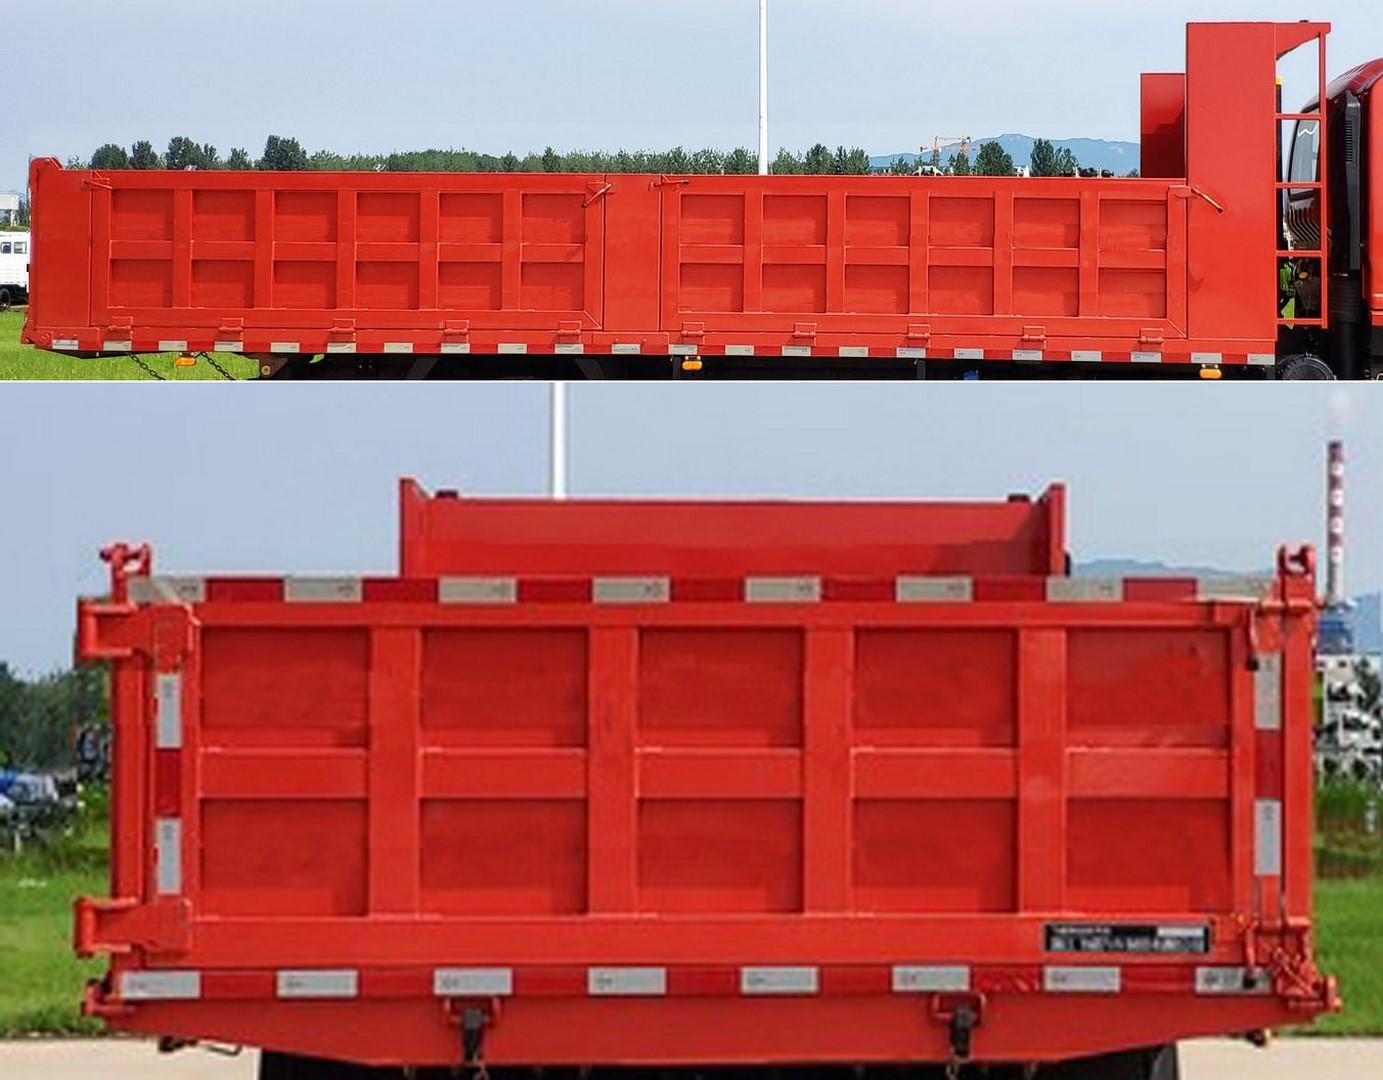 飞碟奥驰 X3系列 130马力 4X2 4.13米自卸车(8挡)(FD3043W63K5-1)口碑